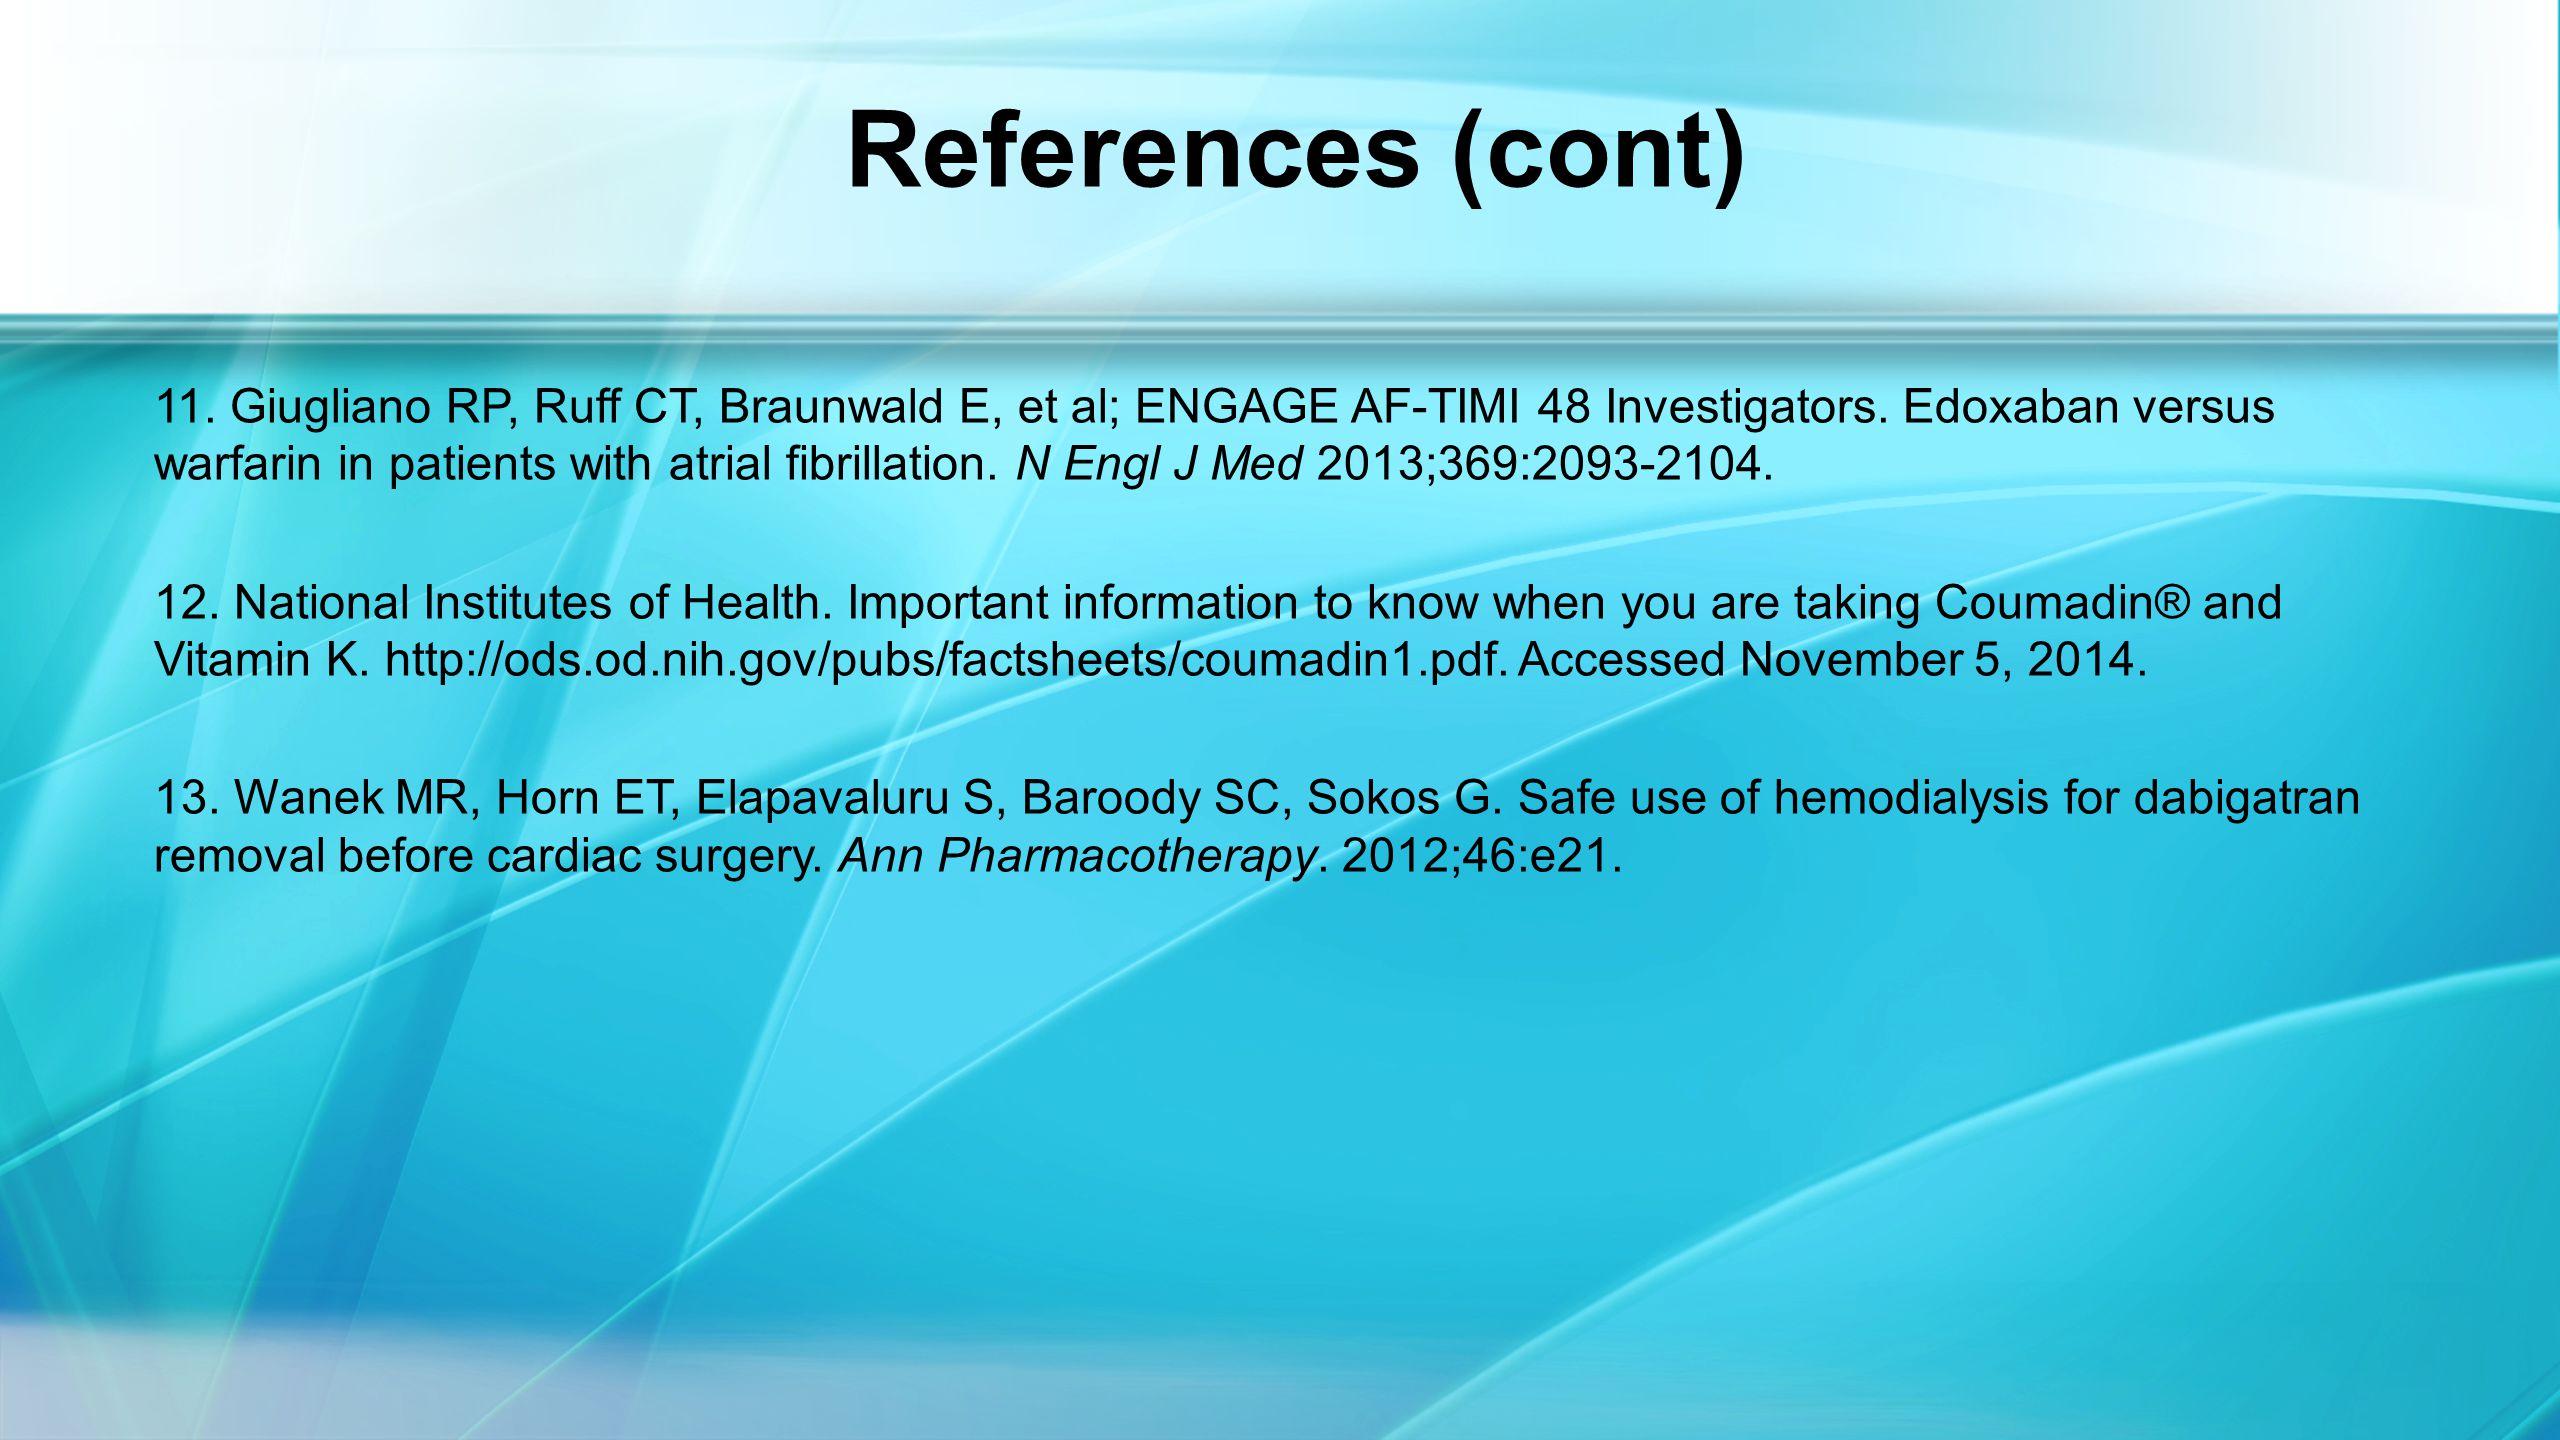 References (cont) 11. Giugliano RP, Ruff CT, Braunwald E, et al; ENGAGE AF-TIMI 48 Investigators.